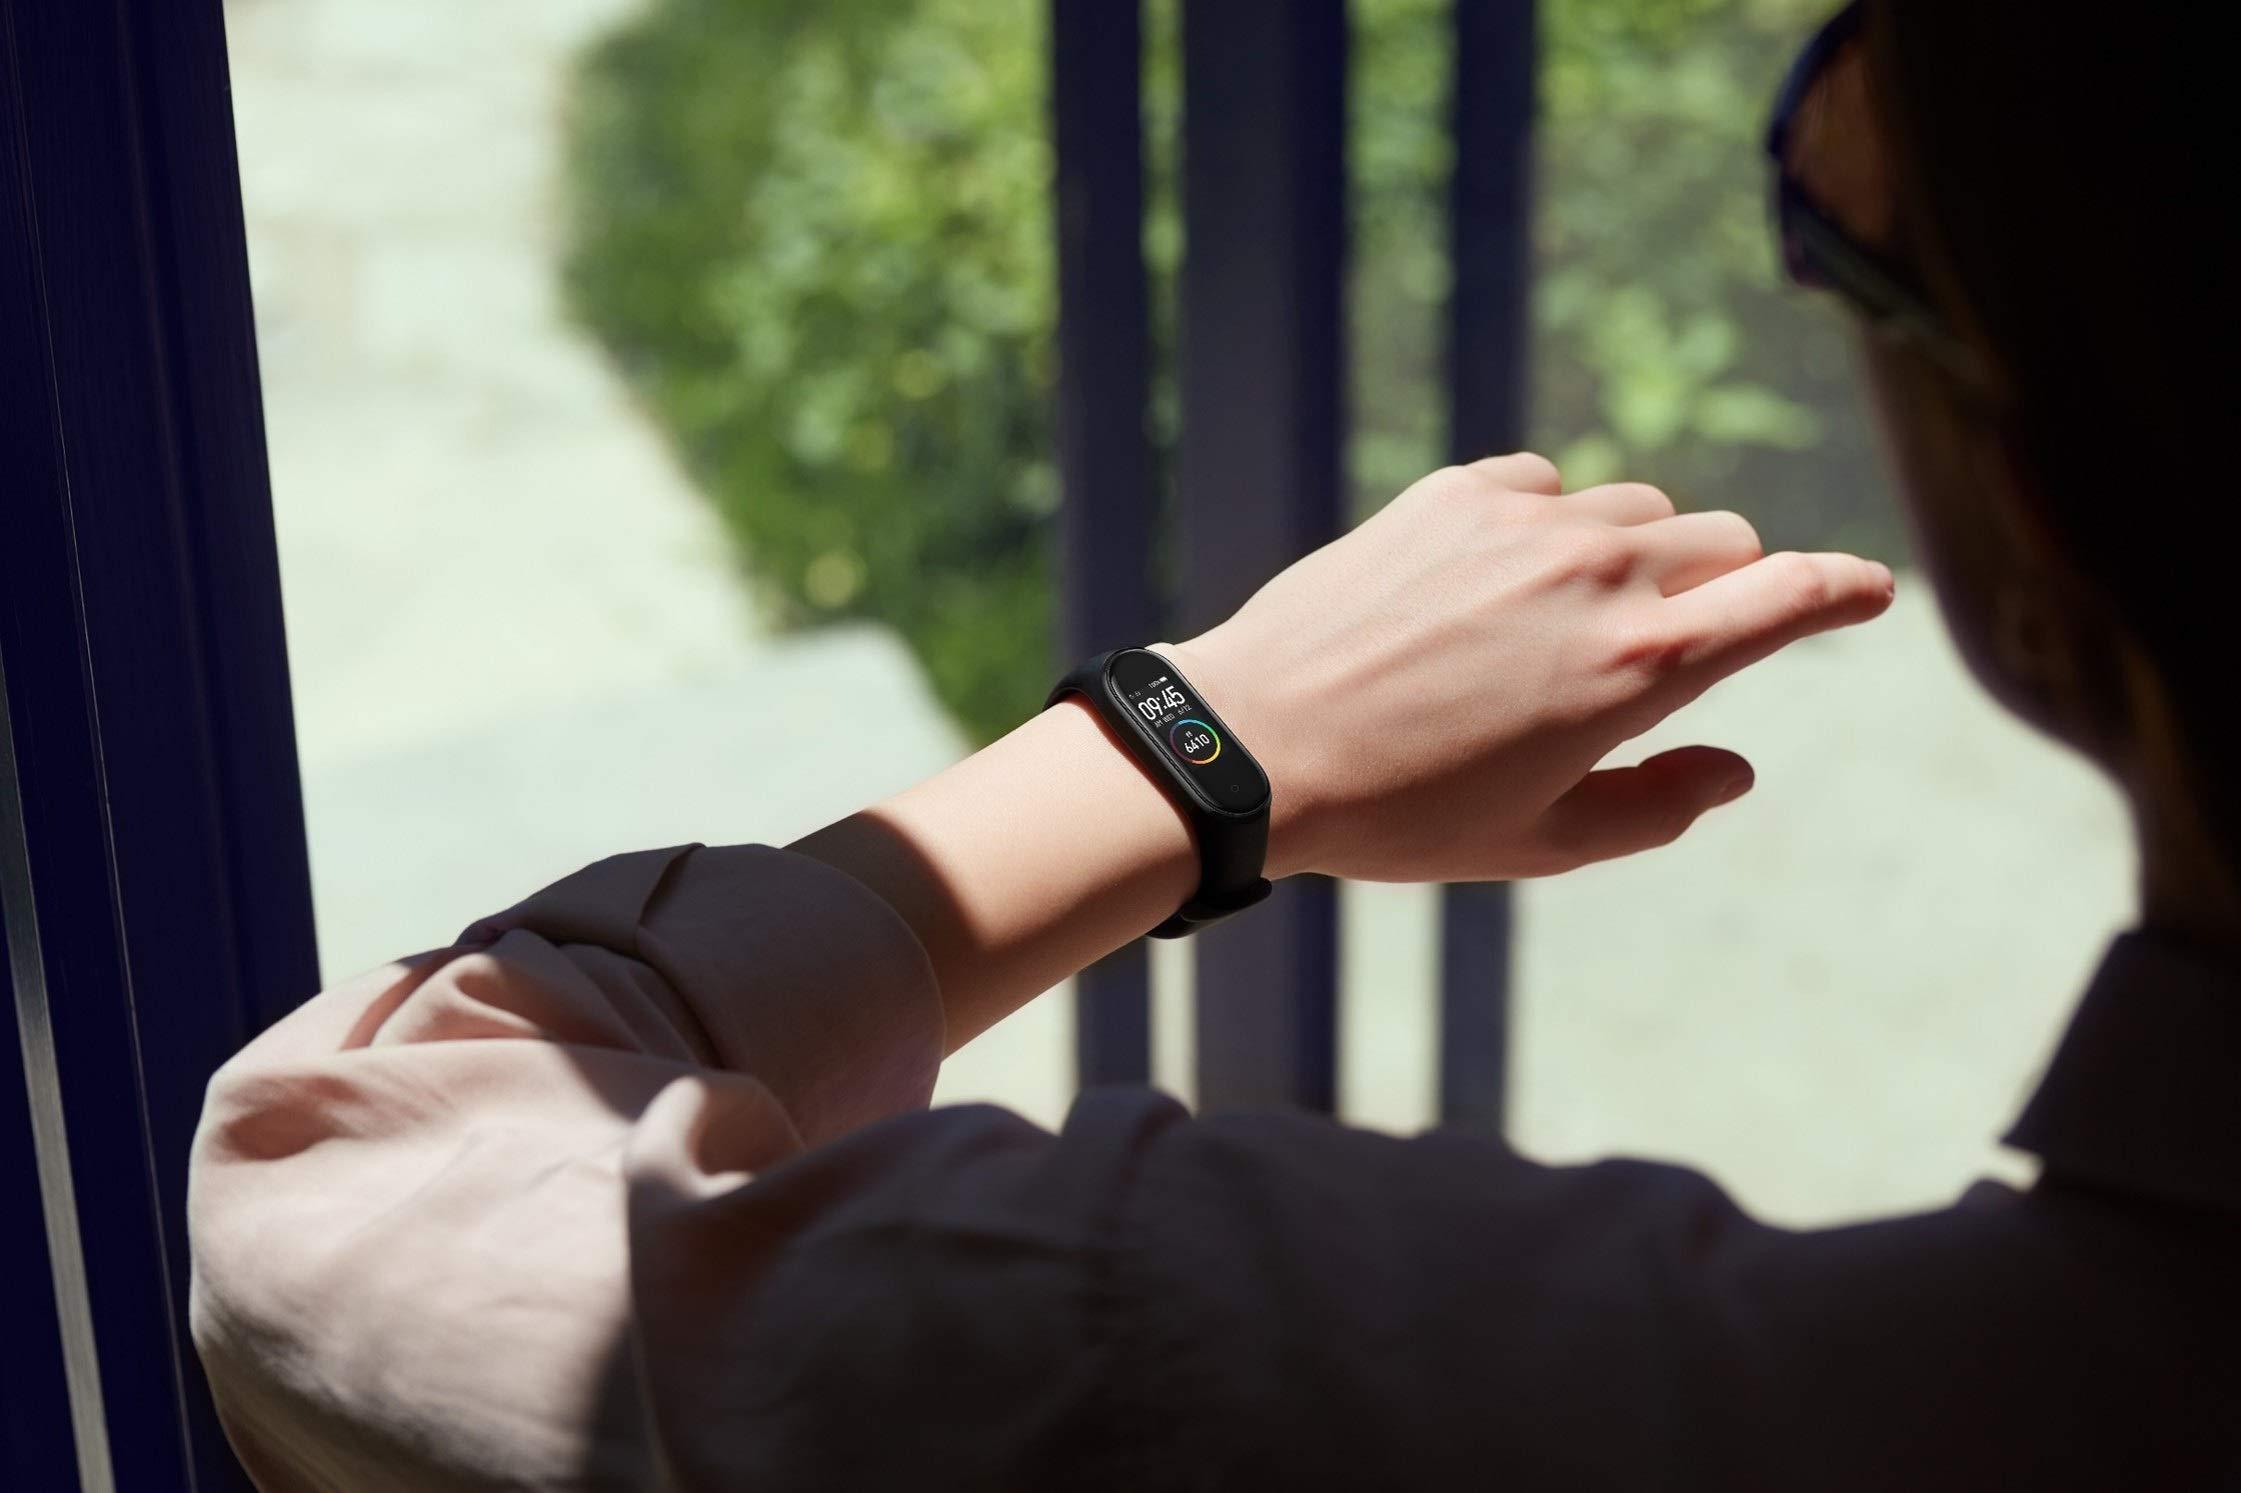 Xiaomi Mi Smart Band 4 – Tracker de actividad física con medidor de frecuencia cardíaca – Negro – Unisex